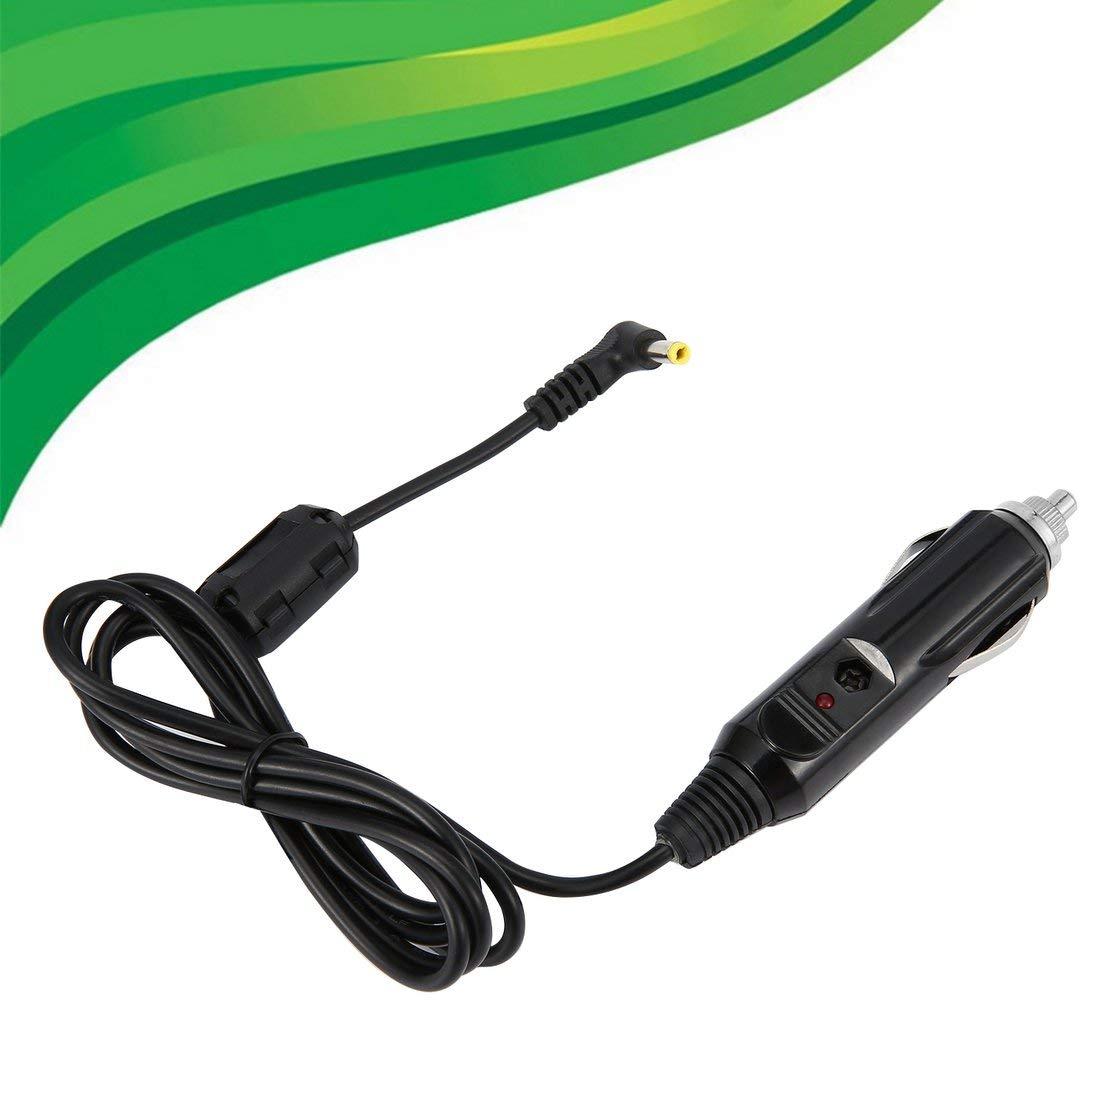 Chargeur Allume-Cigare Automatique Noir Adaptateur CC pour Voiture Neuve UpBright pour Chargeur Yaesu VX-6R VX-5R HX-471 FT-60R